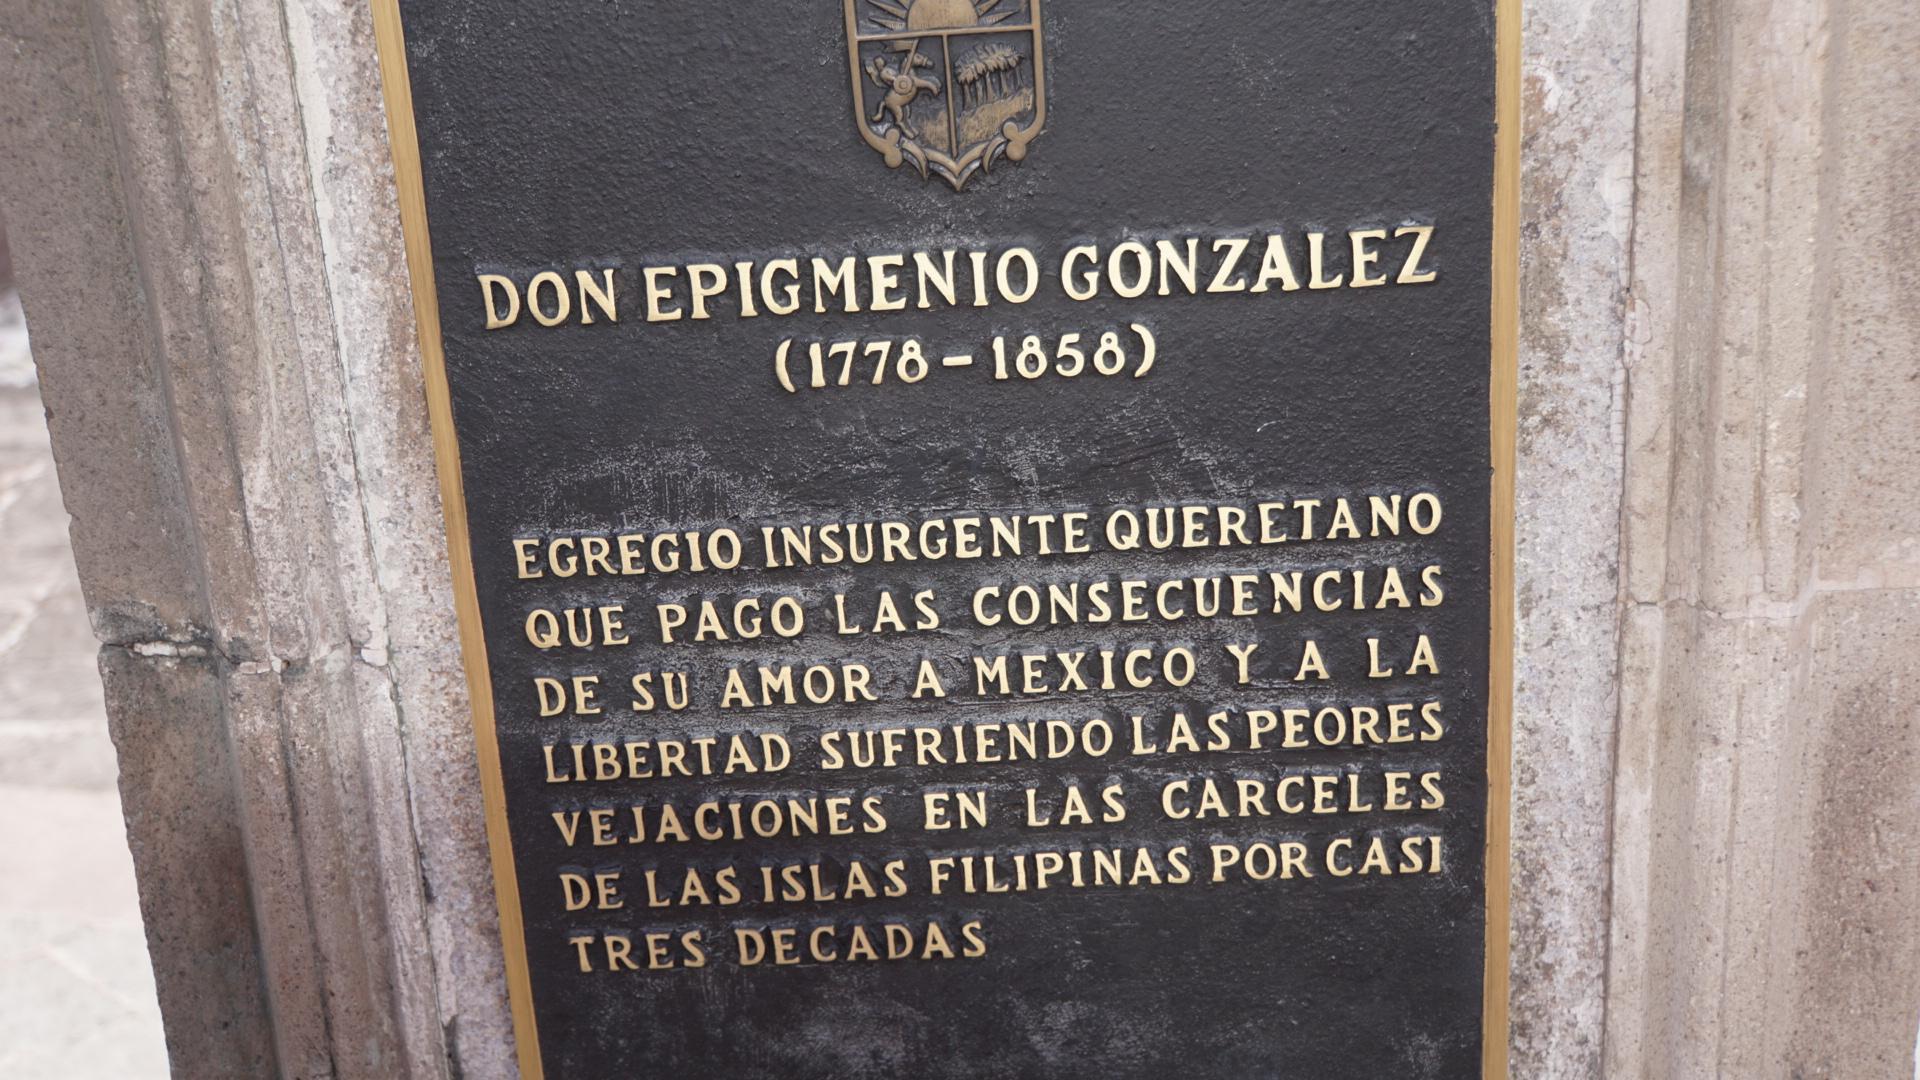 Epigmenio González Biografía Independencia México